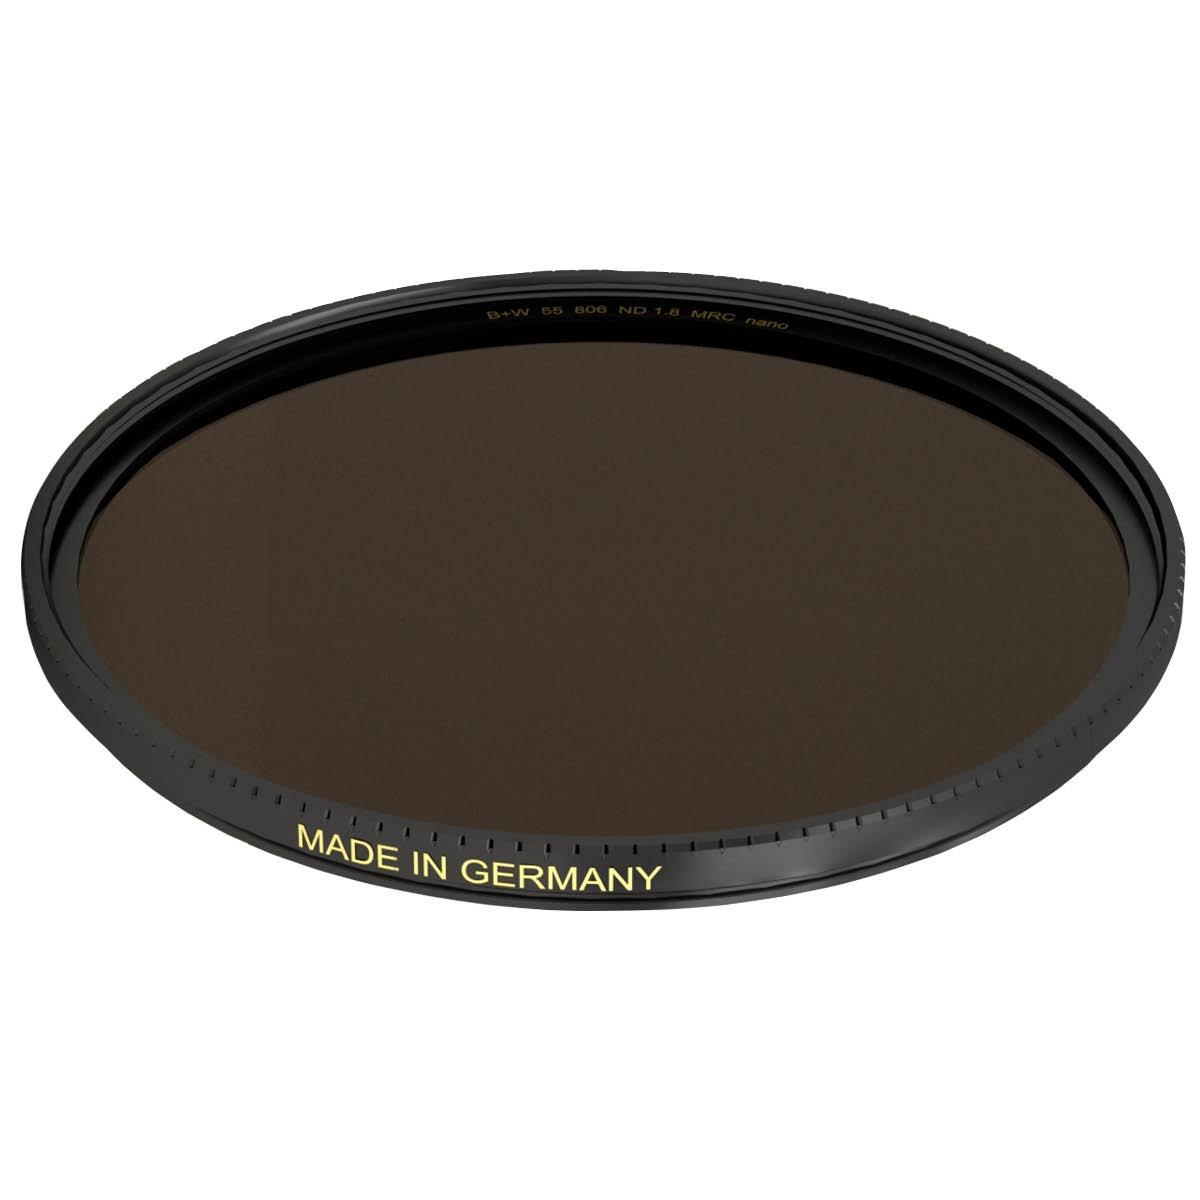 B+W Graufilter 55 mm XS-Pro +6